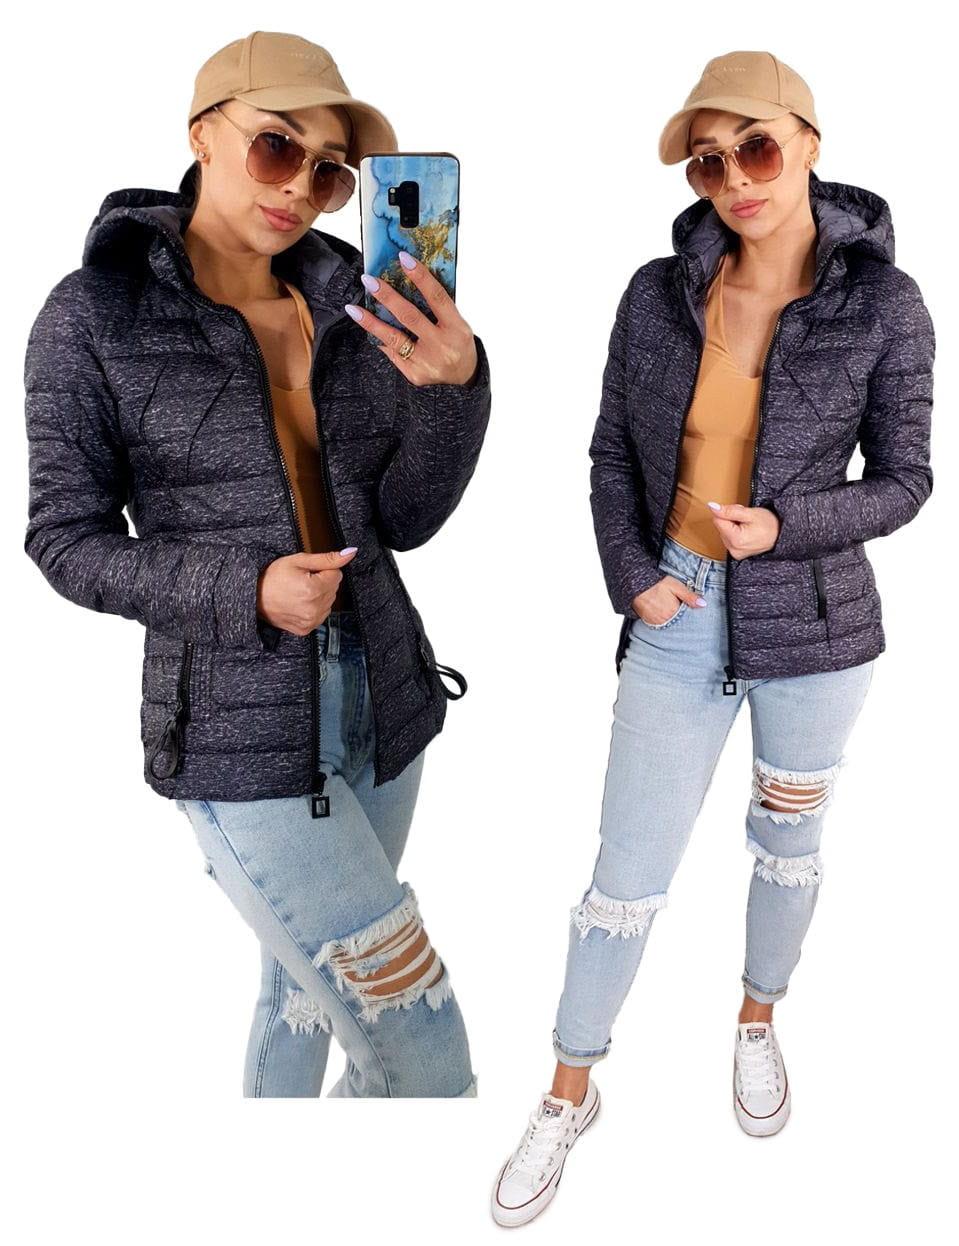 Wiosenna zgrabna pikowana kurtka damska z kapturem 7211 - FIOLET/SZARY